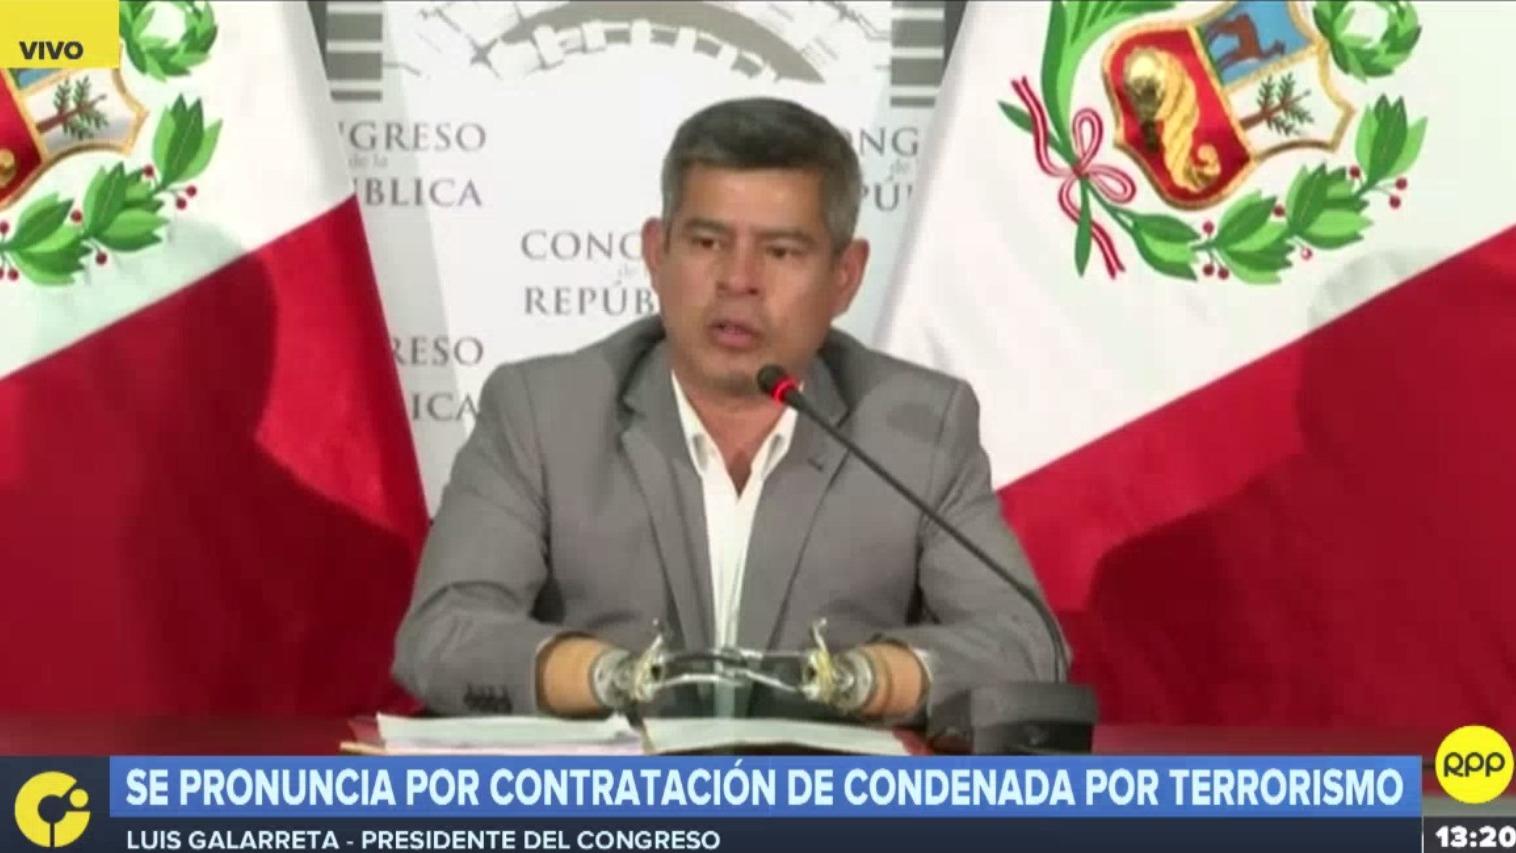 Luis Galarreta, titular del Congreso, se pronunció por la contratación de condenada por terrorismo.